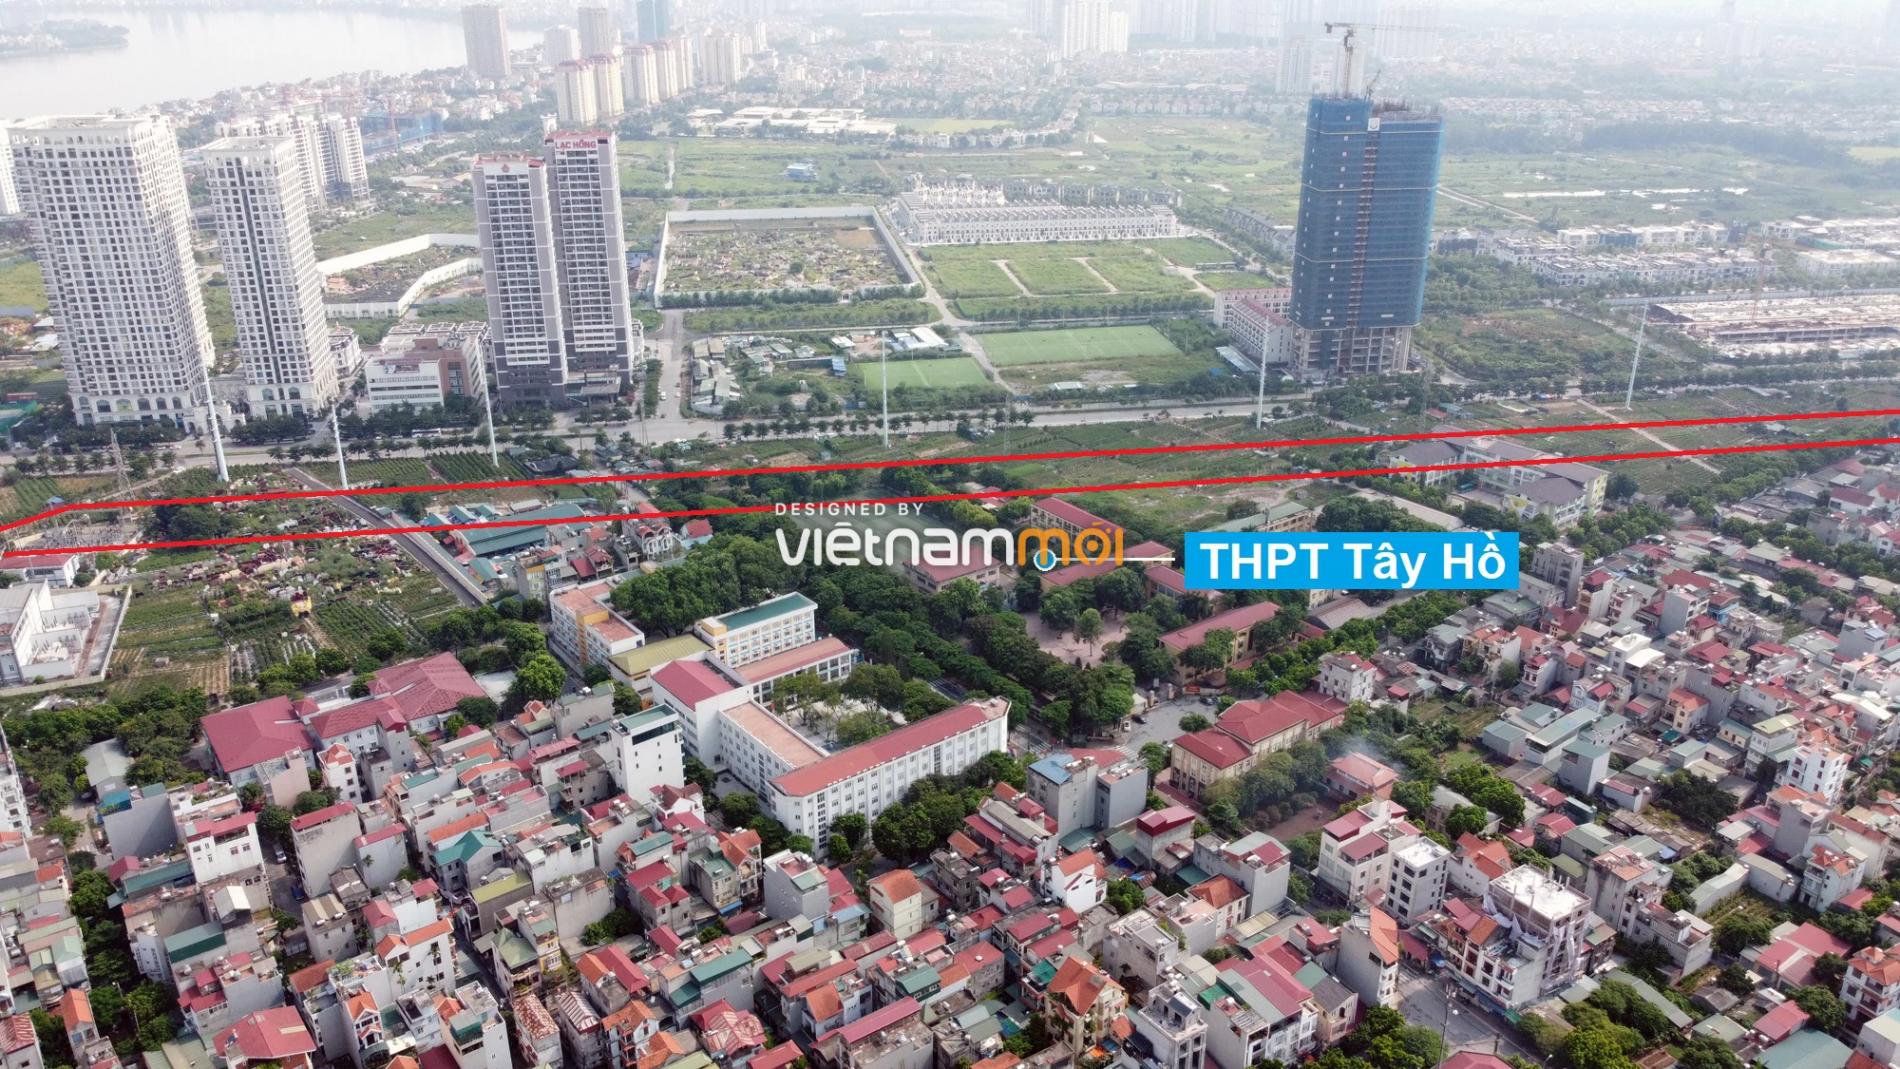 Những khu đất sắp thu hồi để mở đường ở quận Tây Hồ, Hà Nội (phần 3) - Ảnh 9.